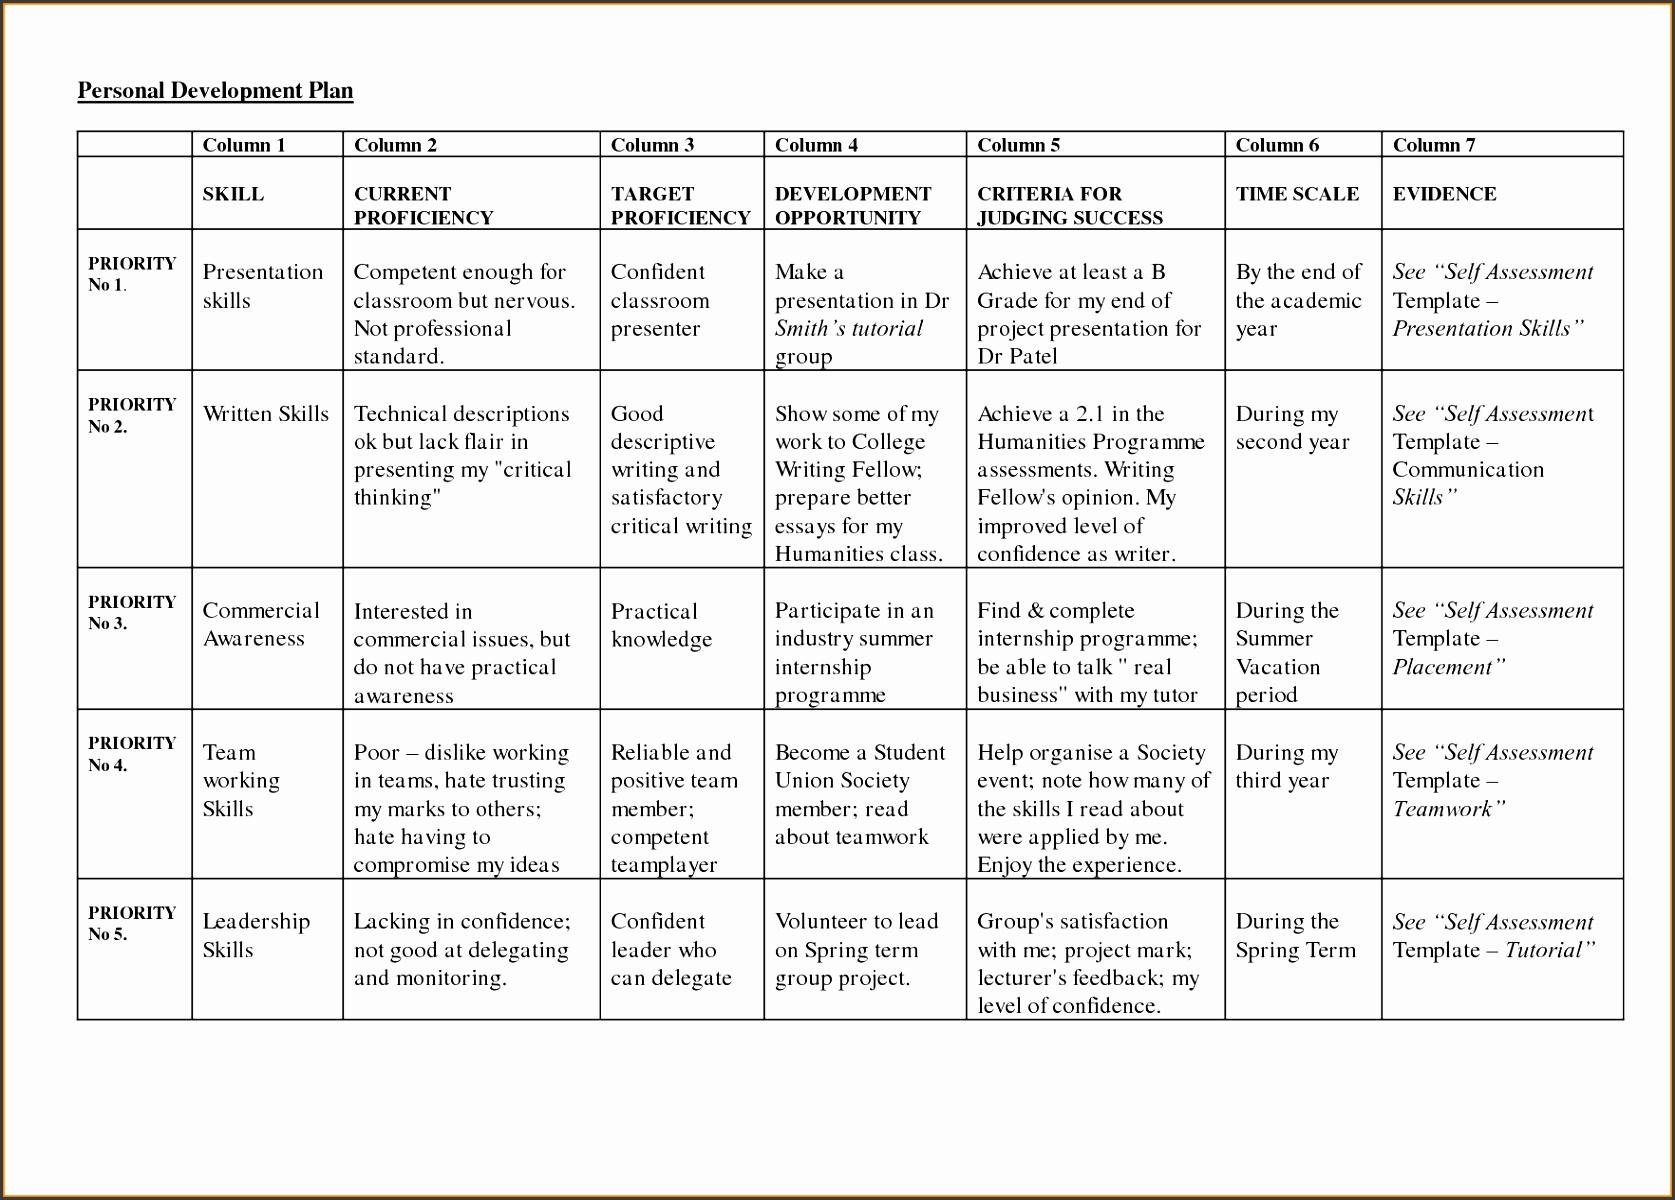 Development Plan Templatereer Development Template for Career Development Plan Template